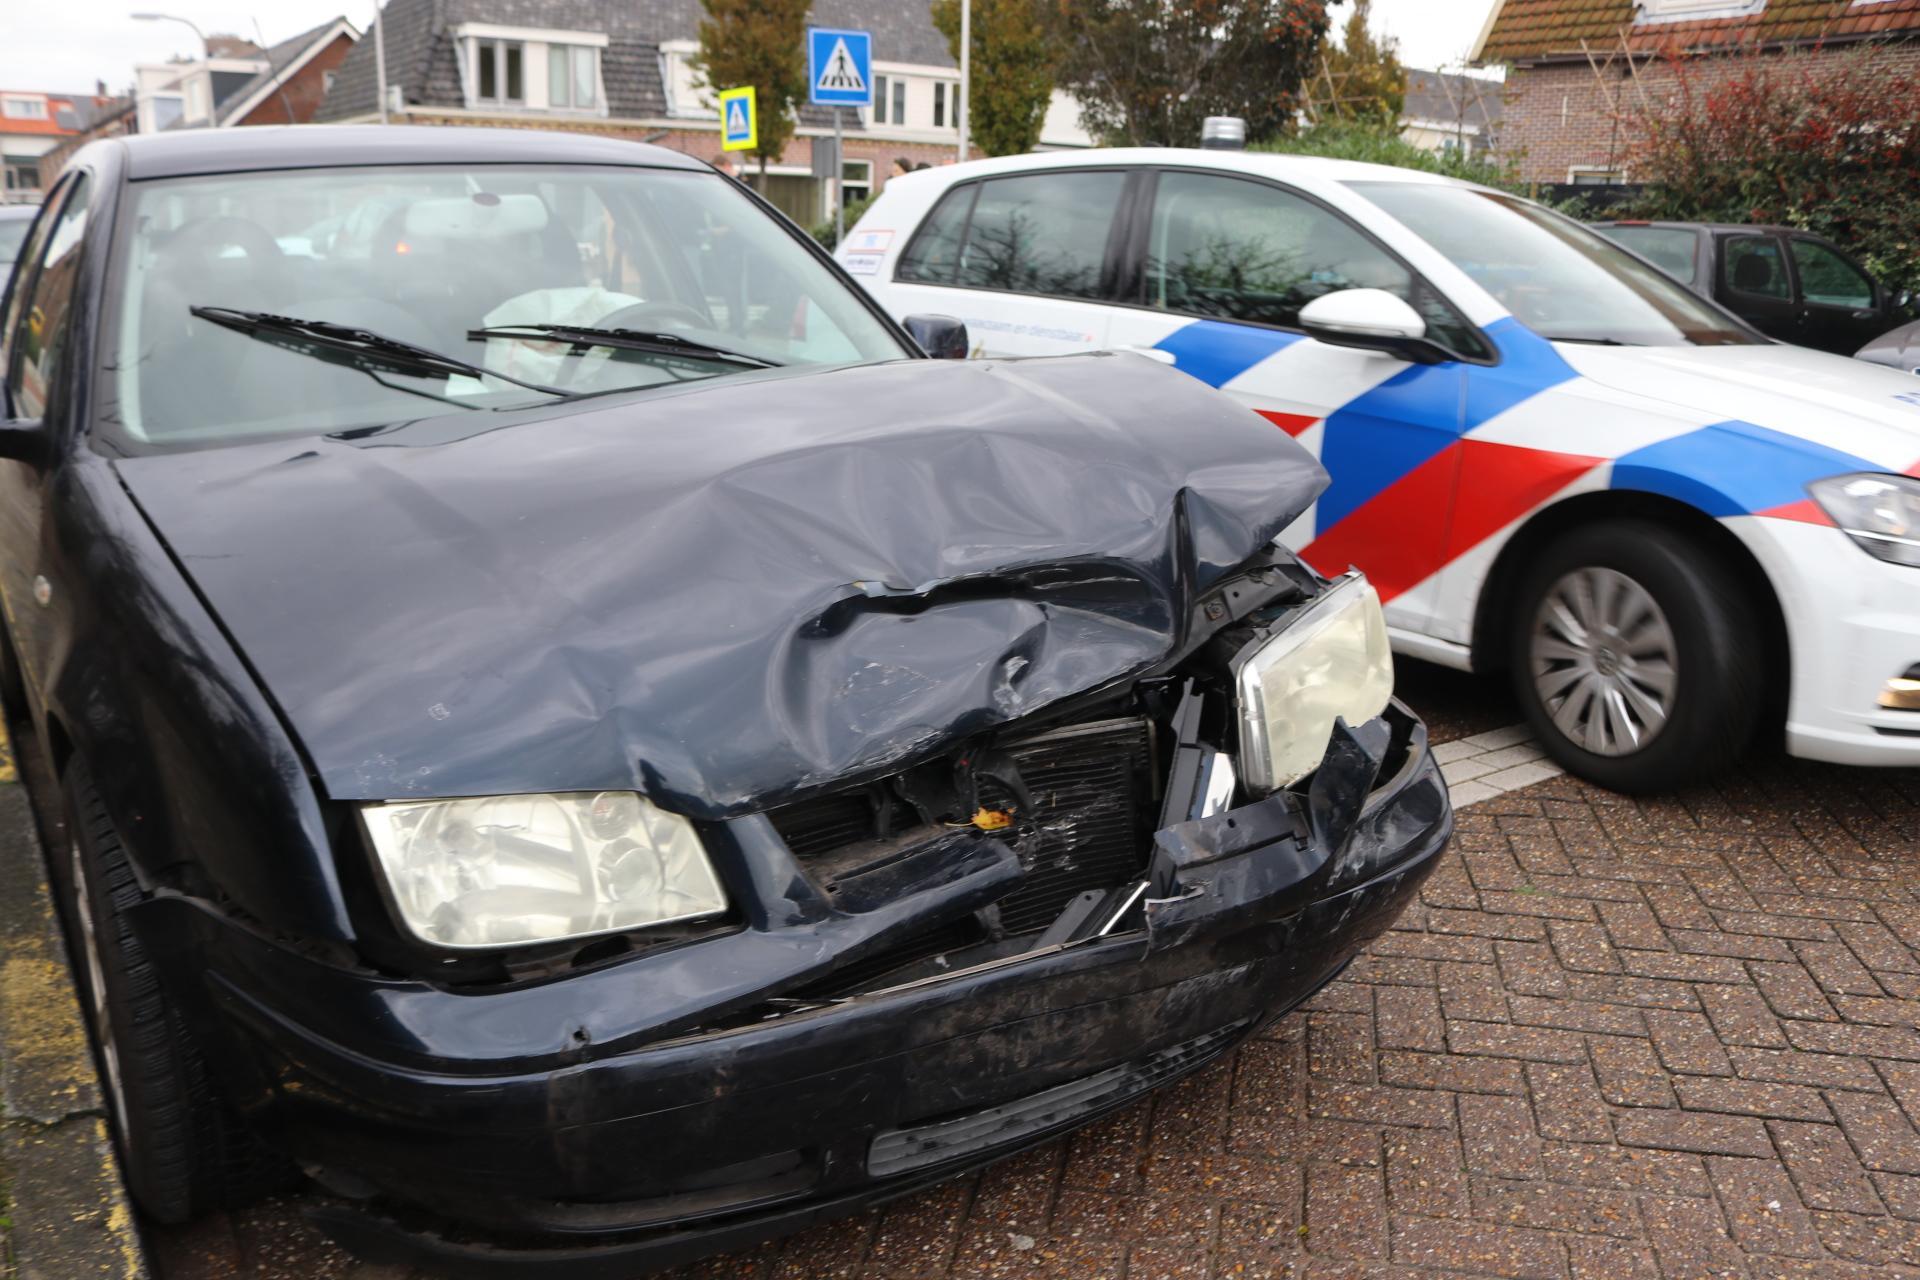 Verkeerschaos in Rijnsbrug na botsing tussen twee auto's [update]